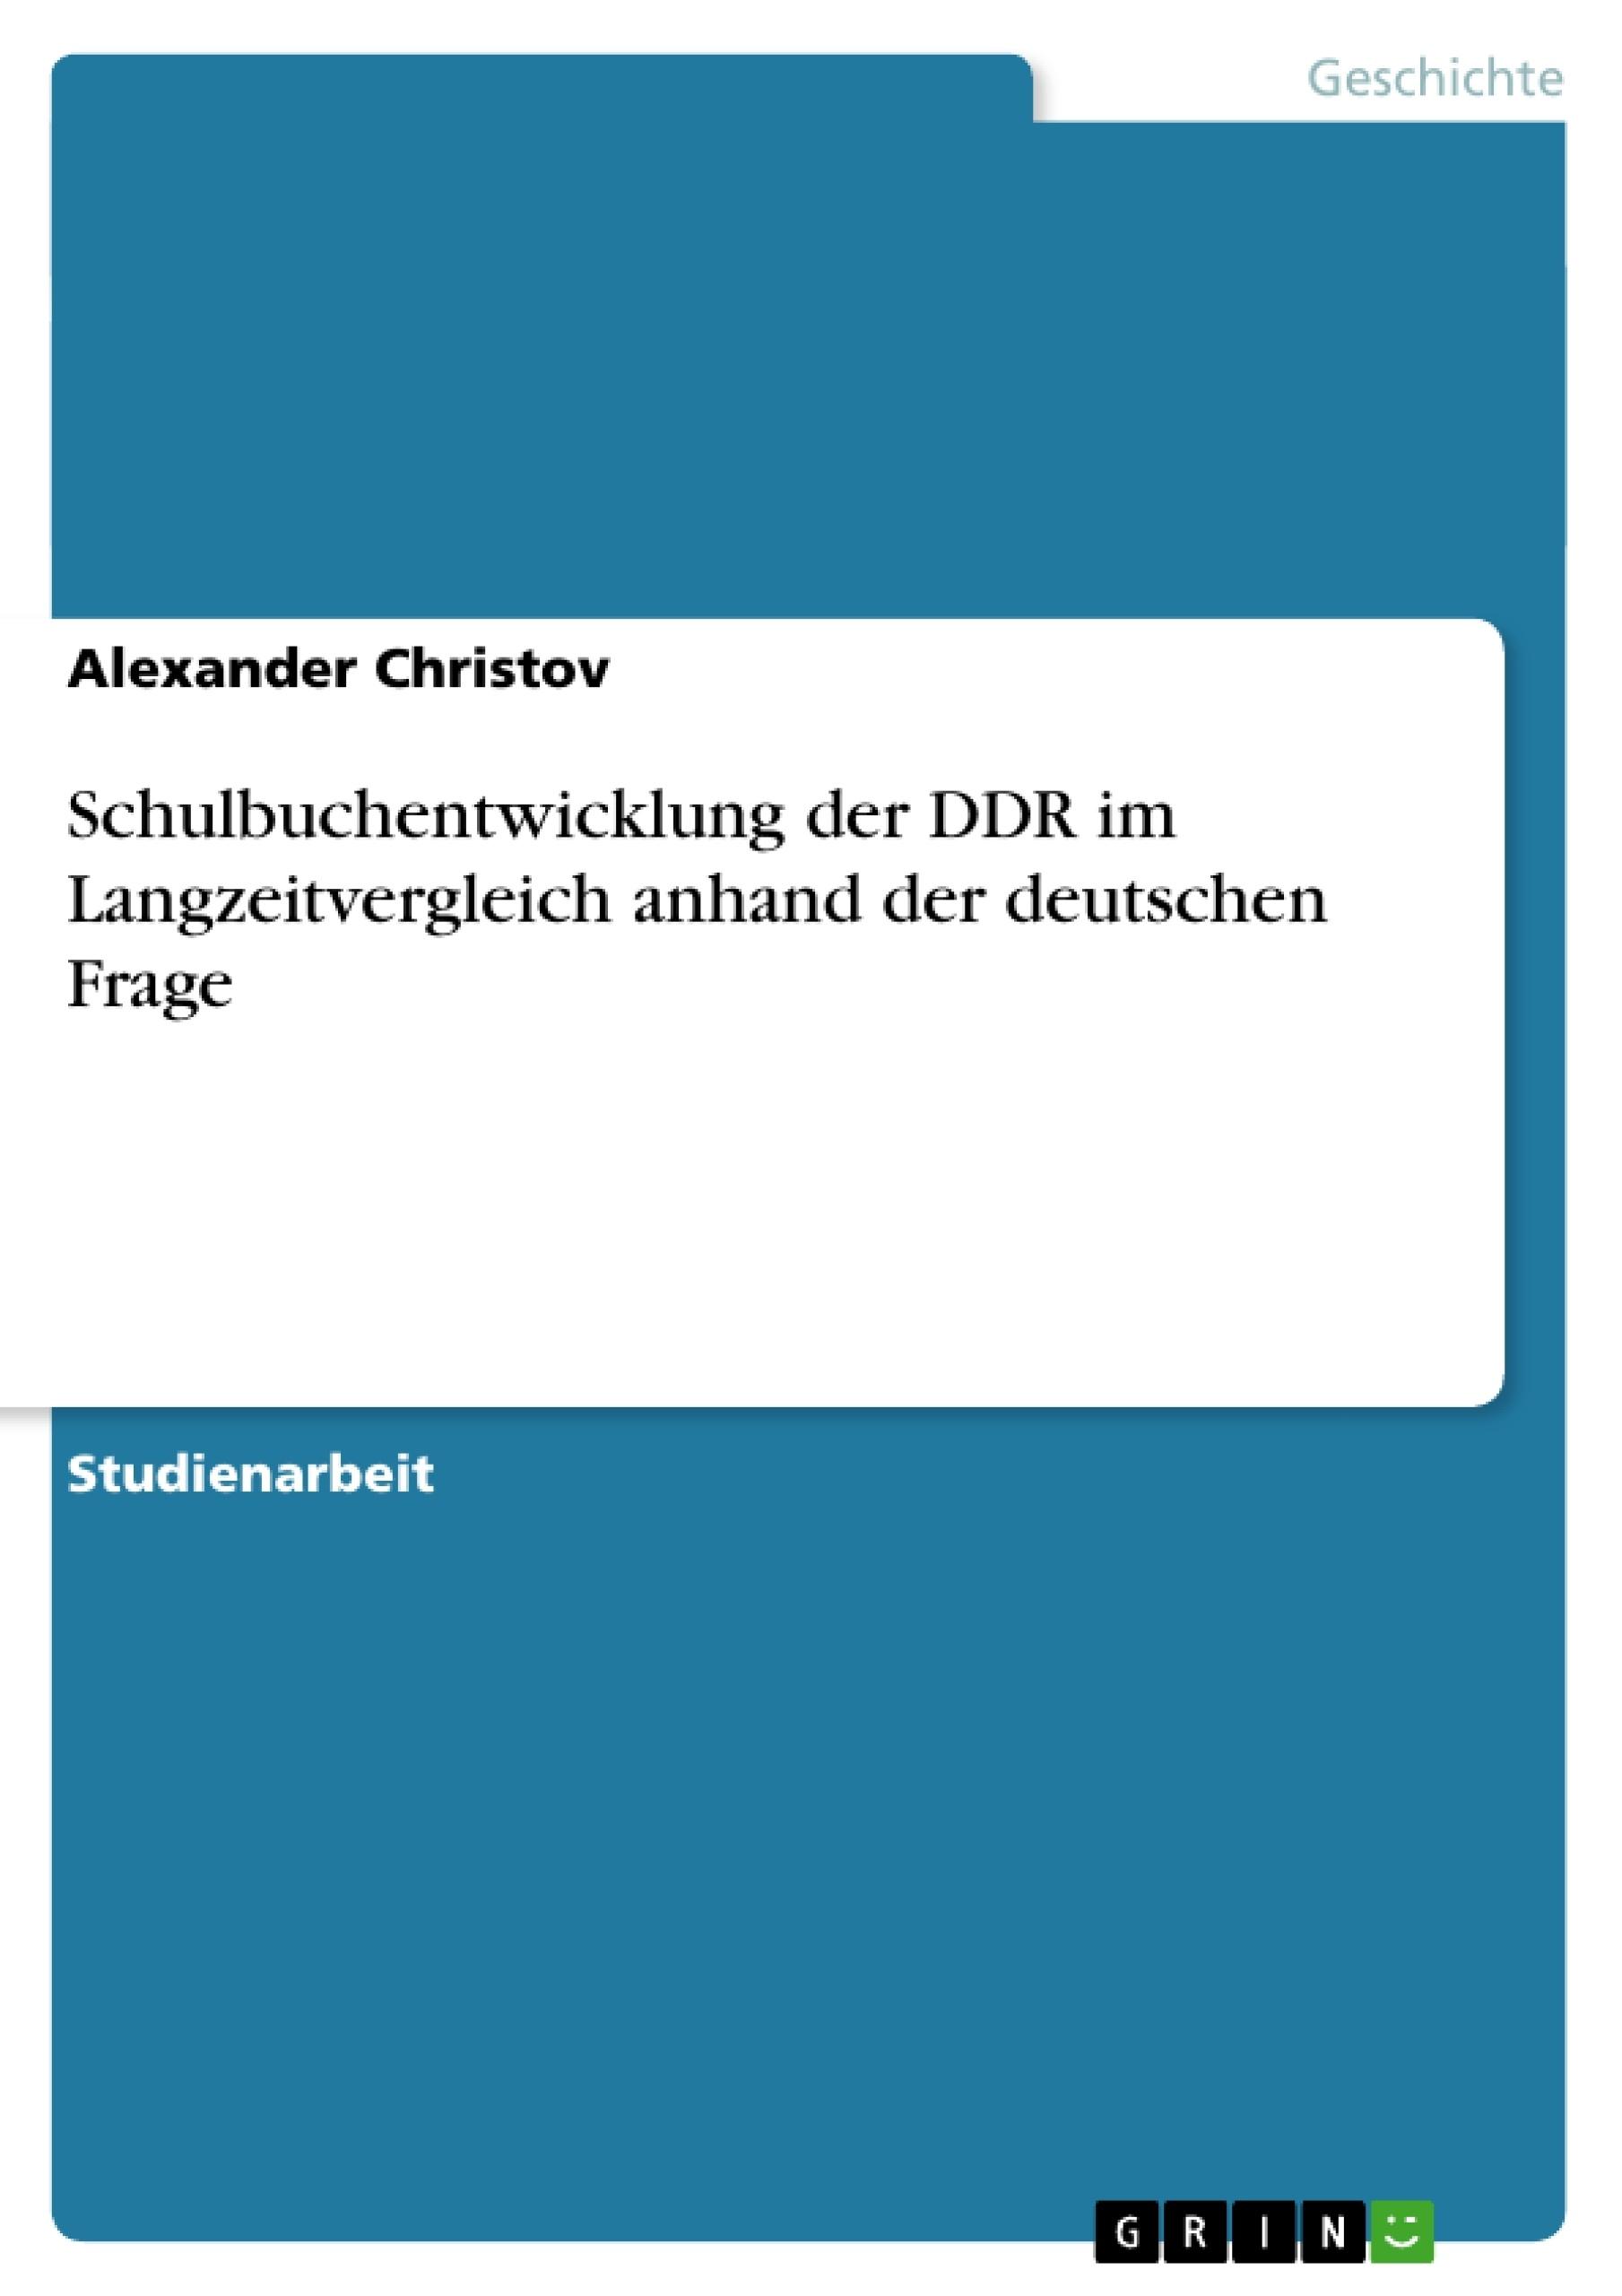 Titel: Schulbuchentwicklung der DDR im Langzeitvergleich anhand der deutschen Frage